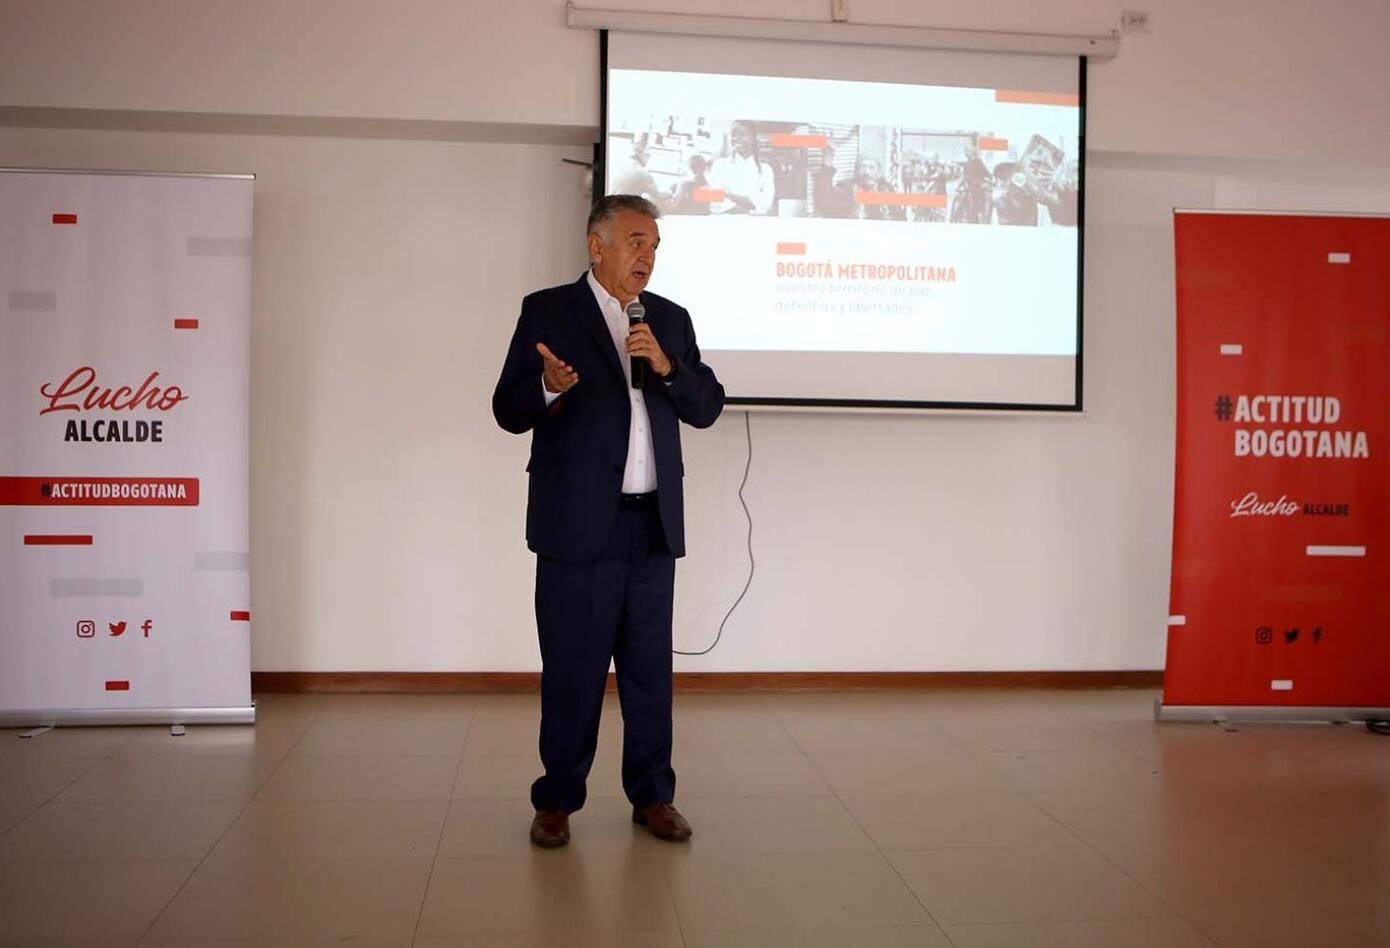 El exalcalde anunció que va a buscar acercamientos con todos los sectores, entendiendo que la 'Actitud Bogotana' es construir sobre las diferencias.